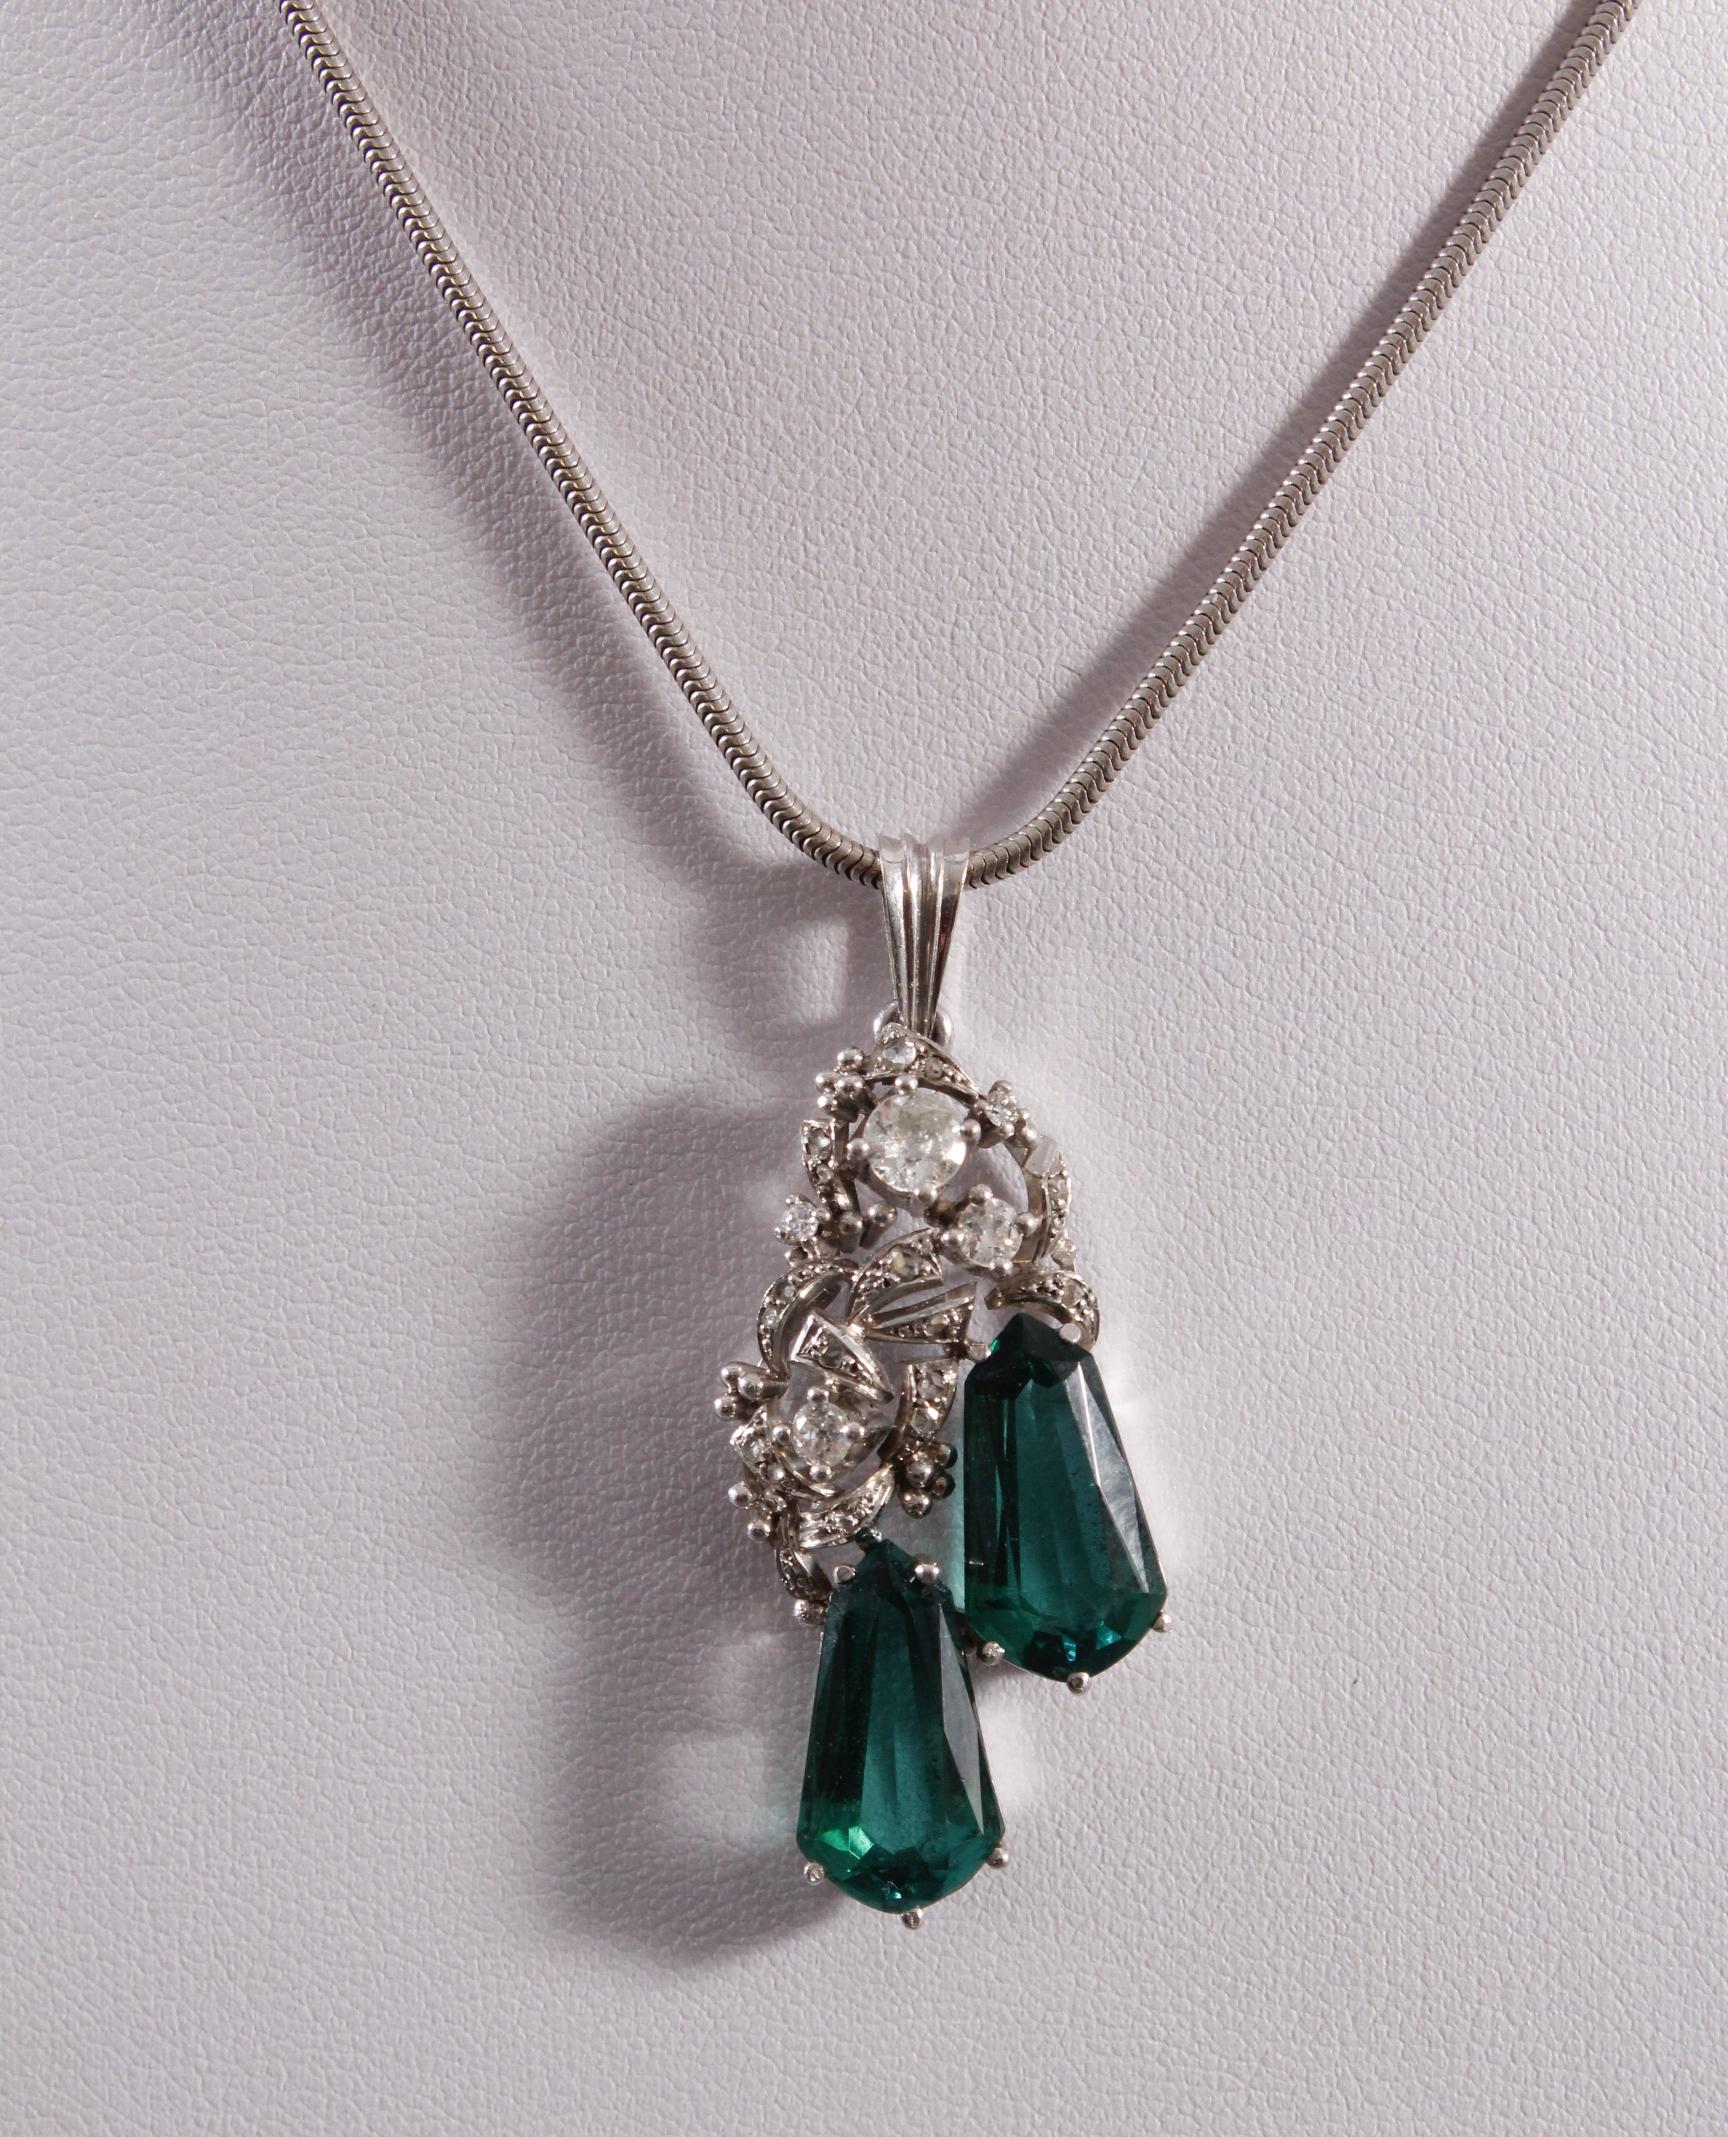 Halskette mit Anhänger 14 kt Weißgold, besetzt mit Diamanten und Turmalin-2